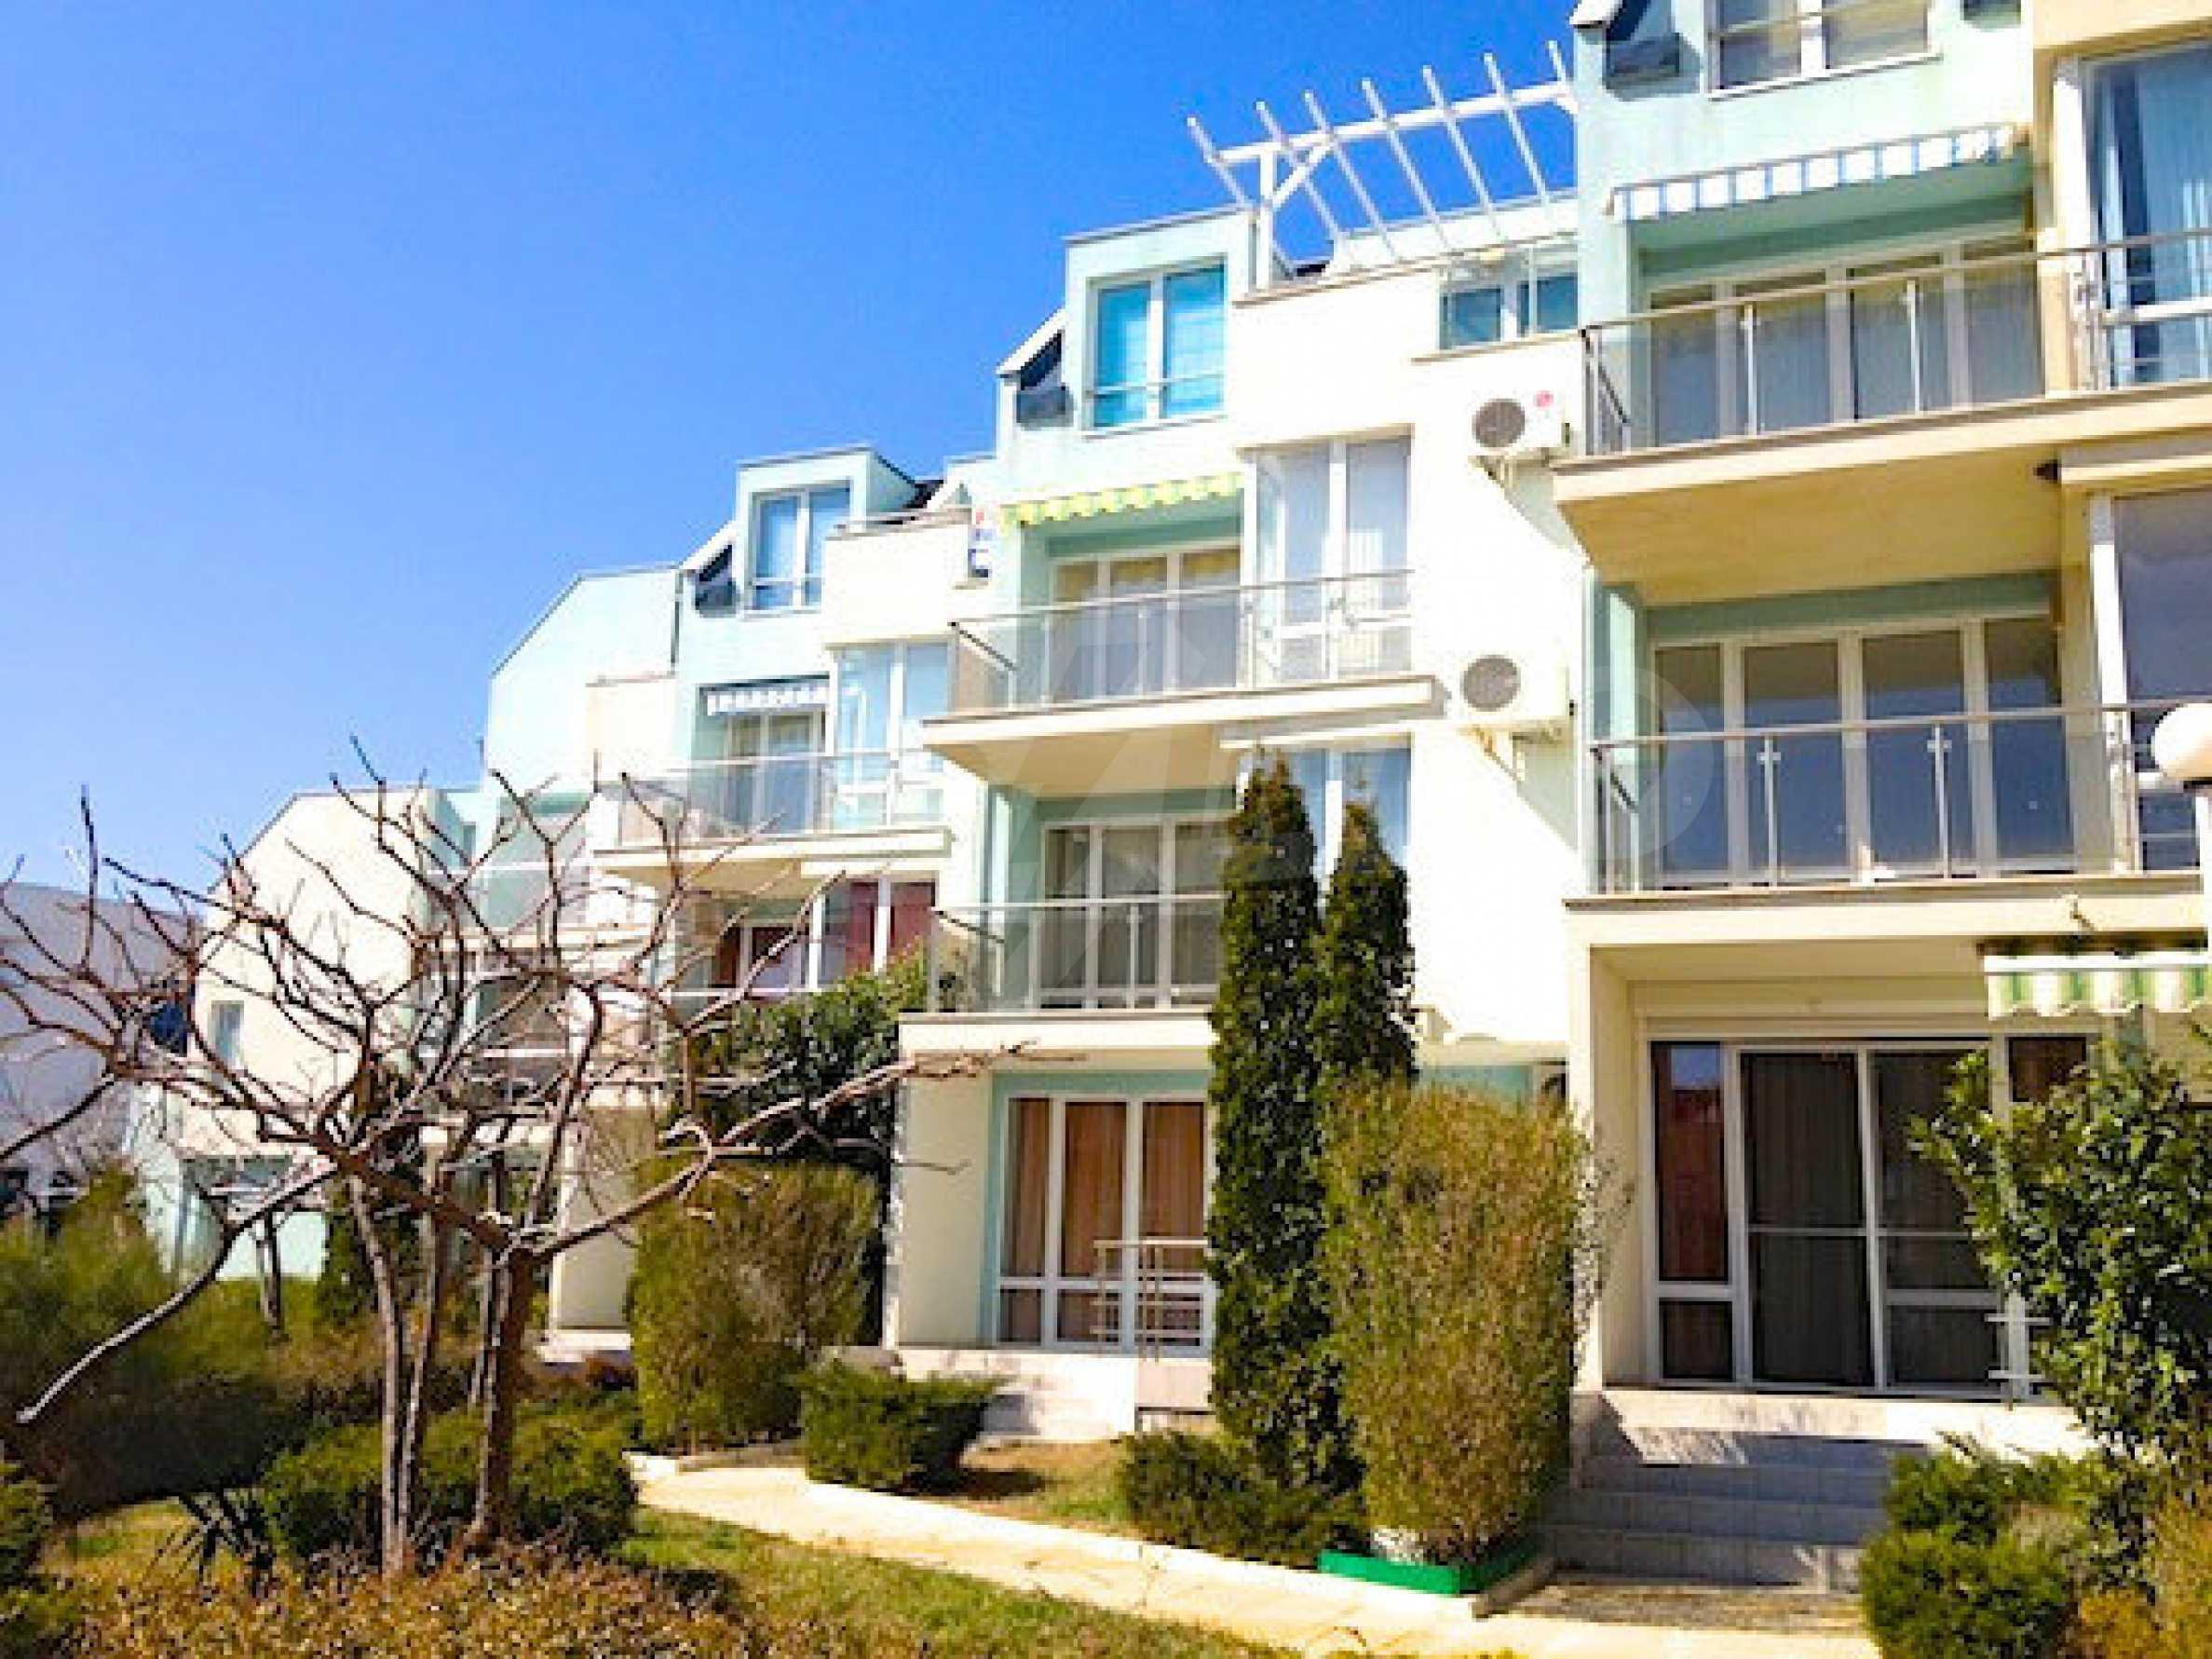 Zwei-Zimmer-Wohnung in einem Komplex 50 Meter vom Meer entfernt 14